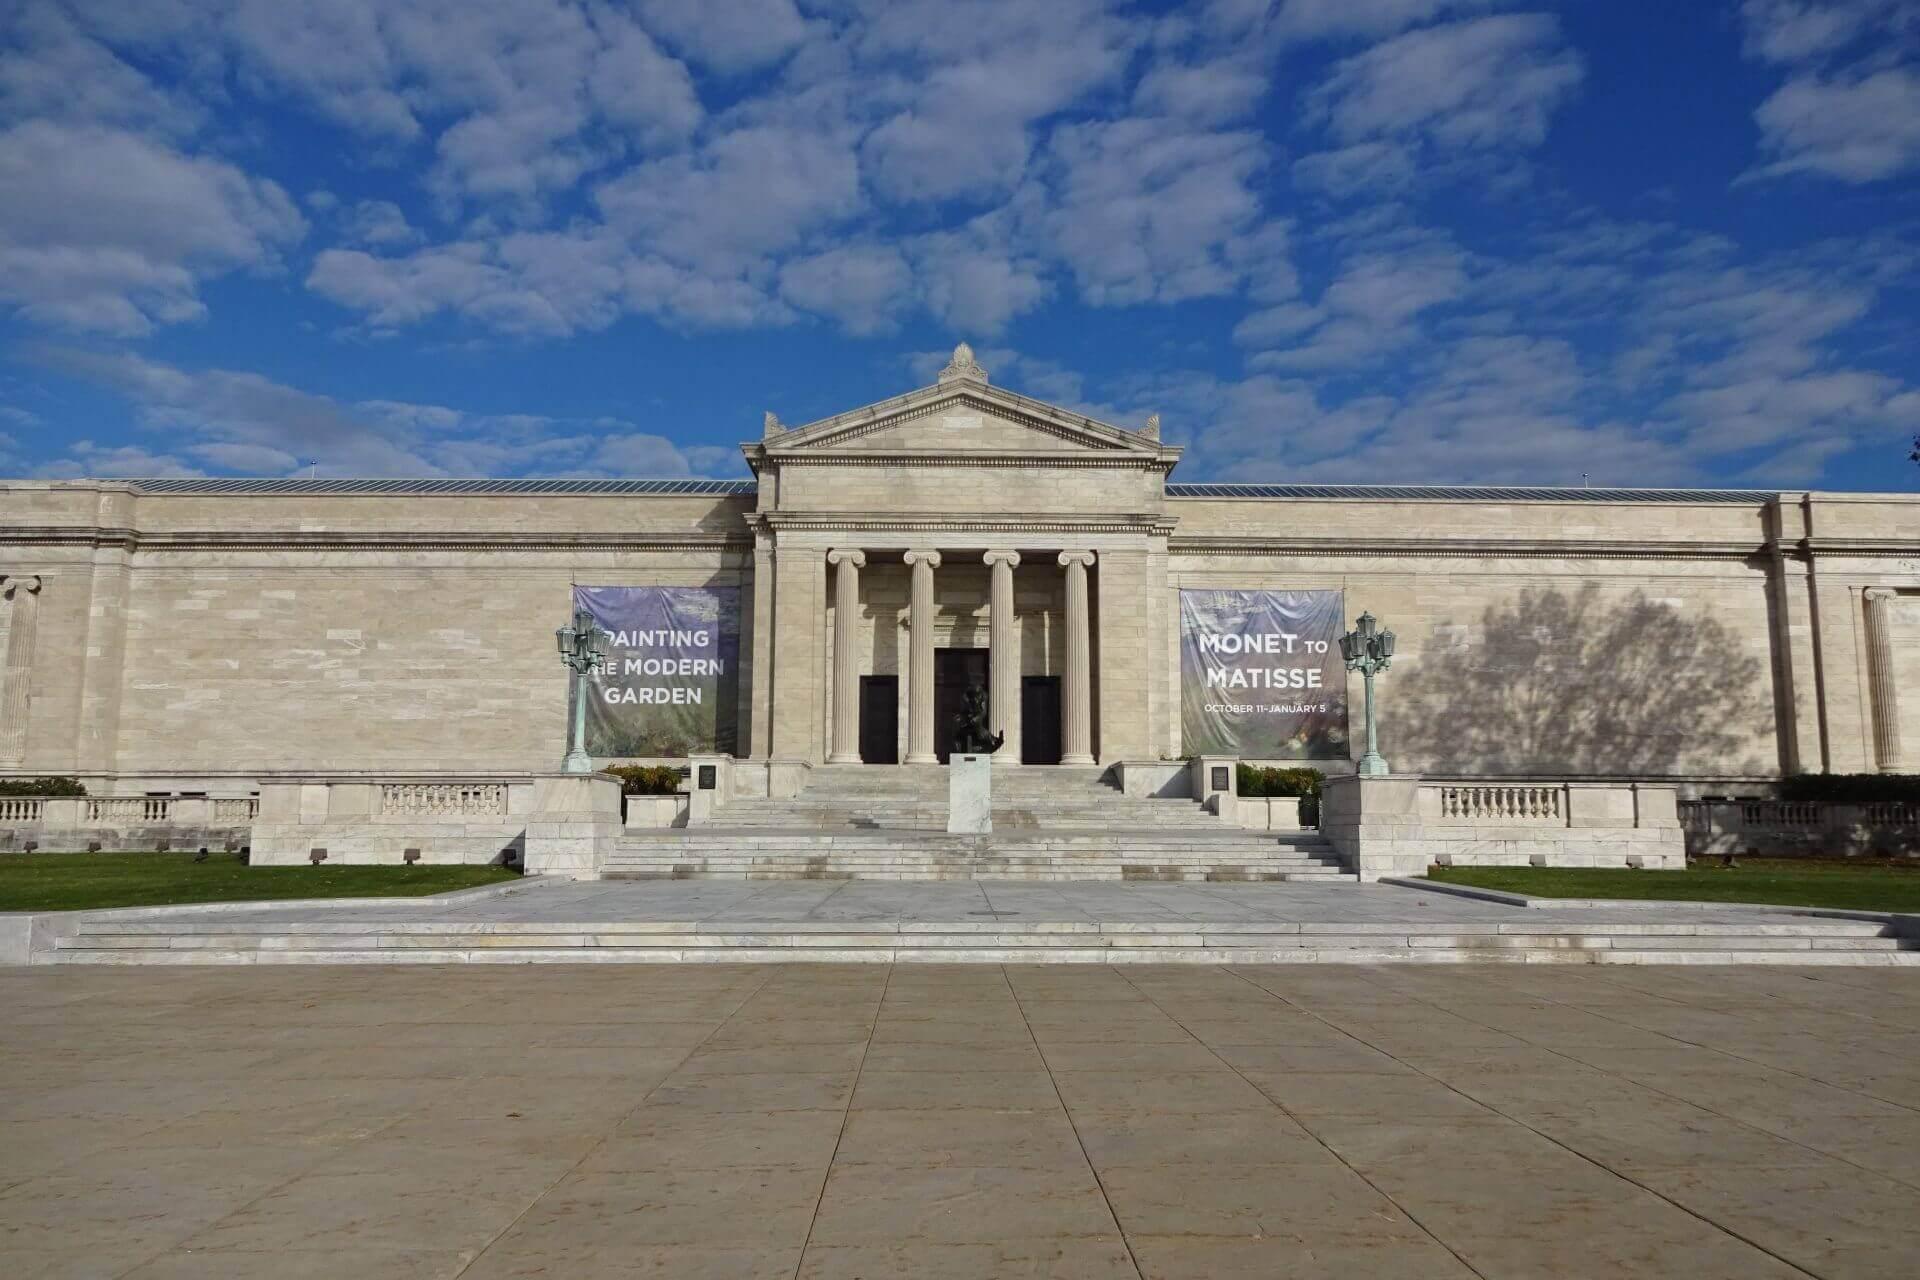 Cleveland Art Museum. Bilder und Eindrücke aus Cleveland, Ohio, United States.